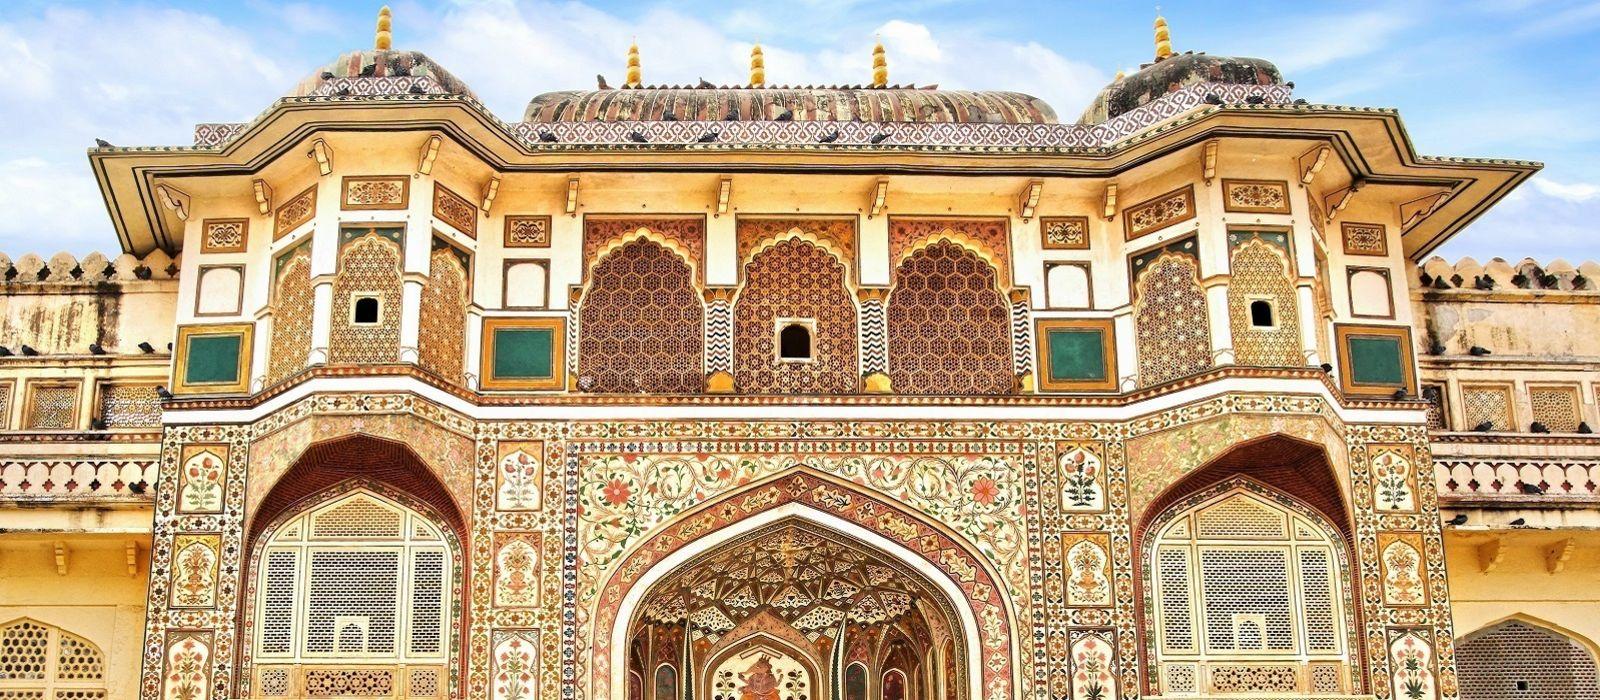 Bezaubernde Nordindien Reise – klassisch & komfortabel Urlaub 6